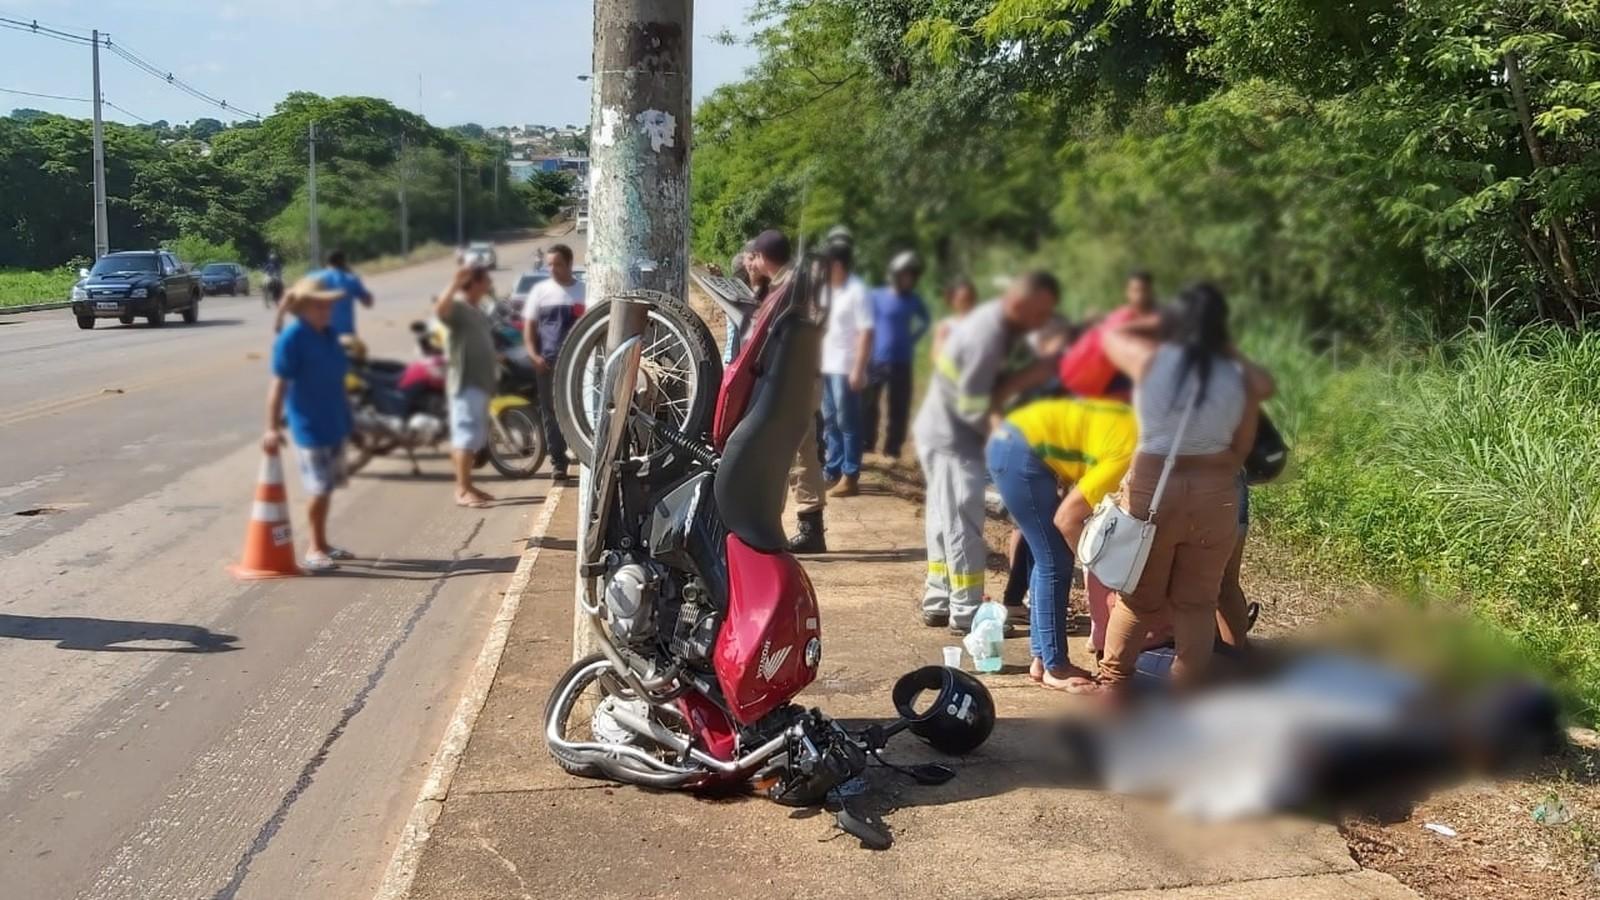 Homem morre após bater com motocicleta em poste em avenida de Gurupi